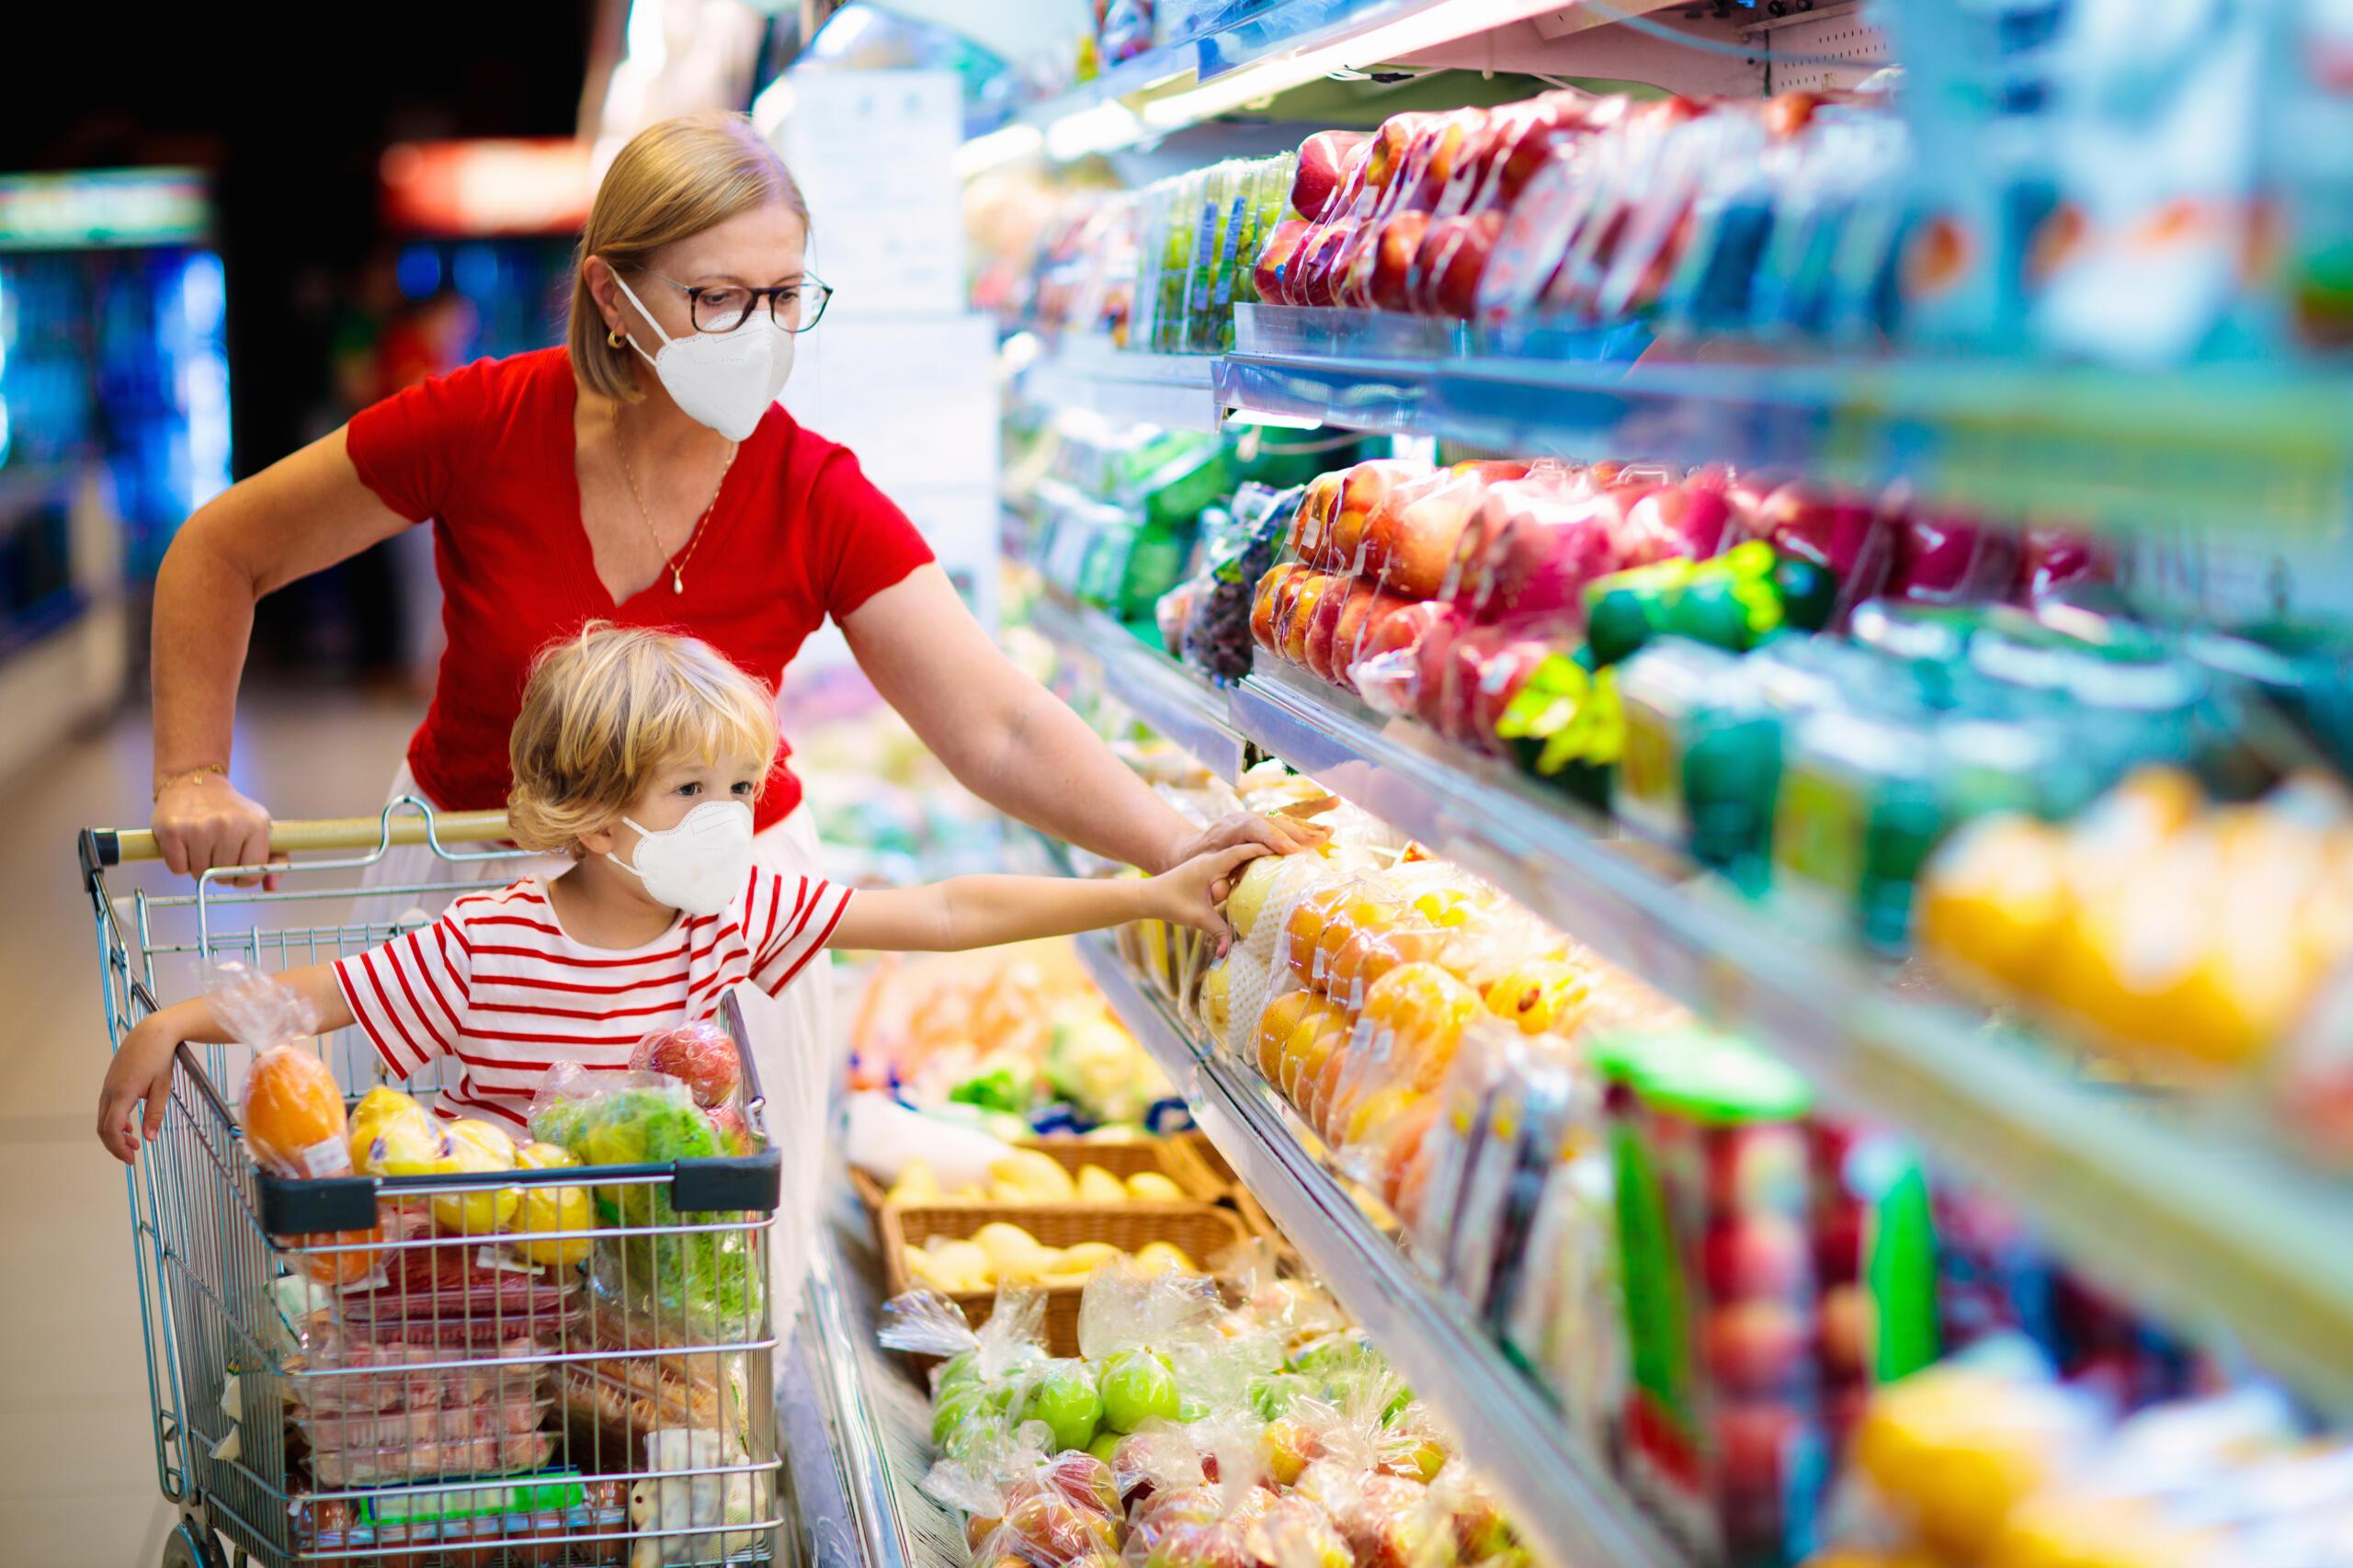 Sağlıklı yaşam kaygısı ve bilinçli tüketicilerin artması, ürün içeriklerini de etkiledi